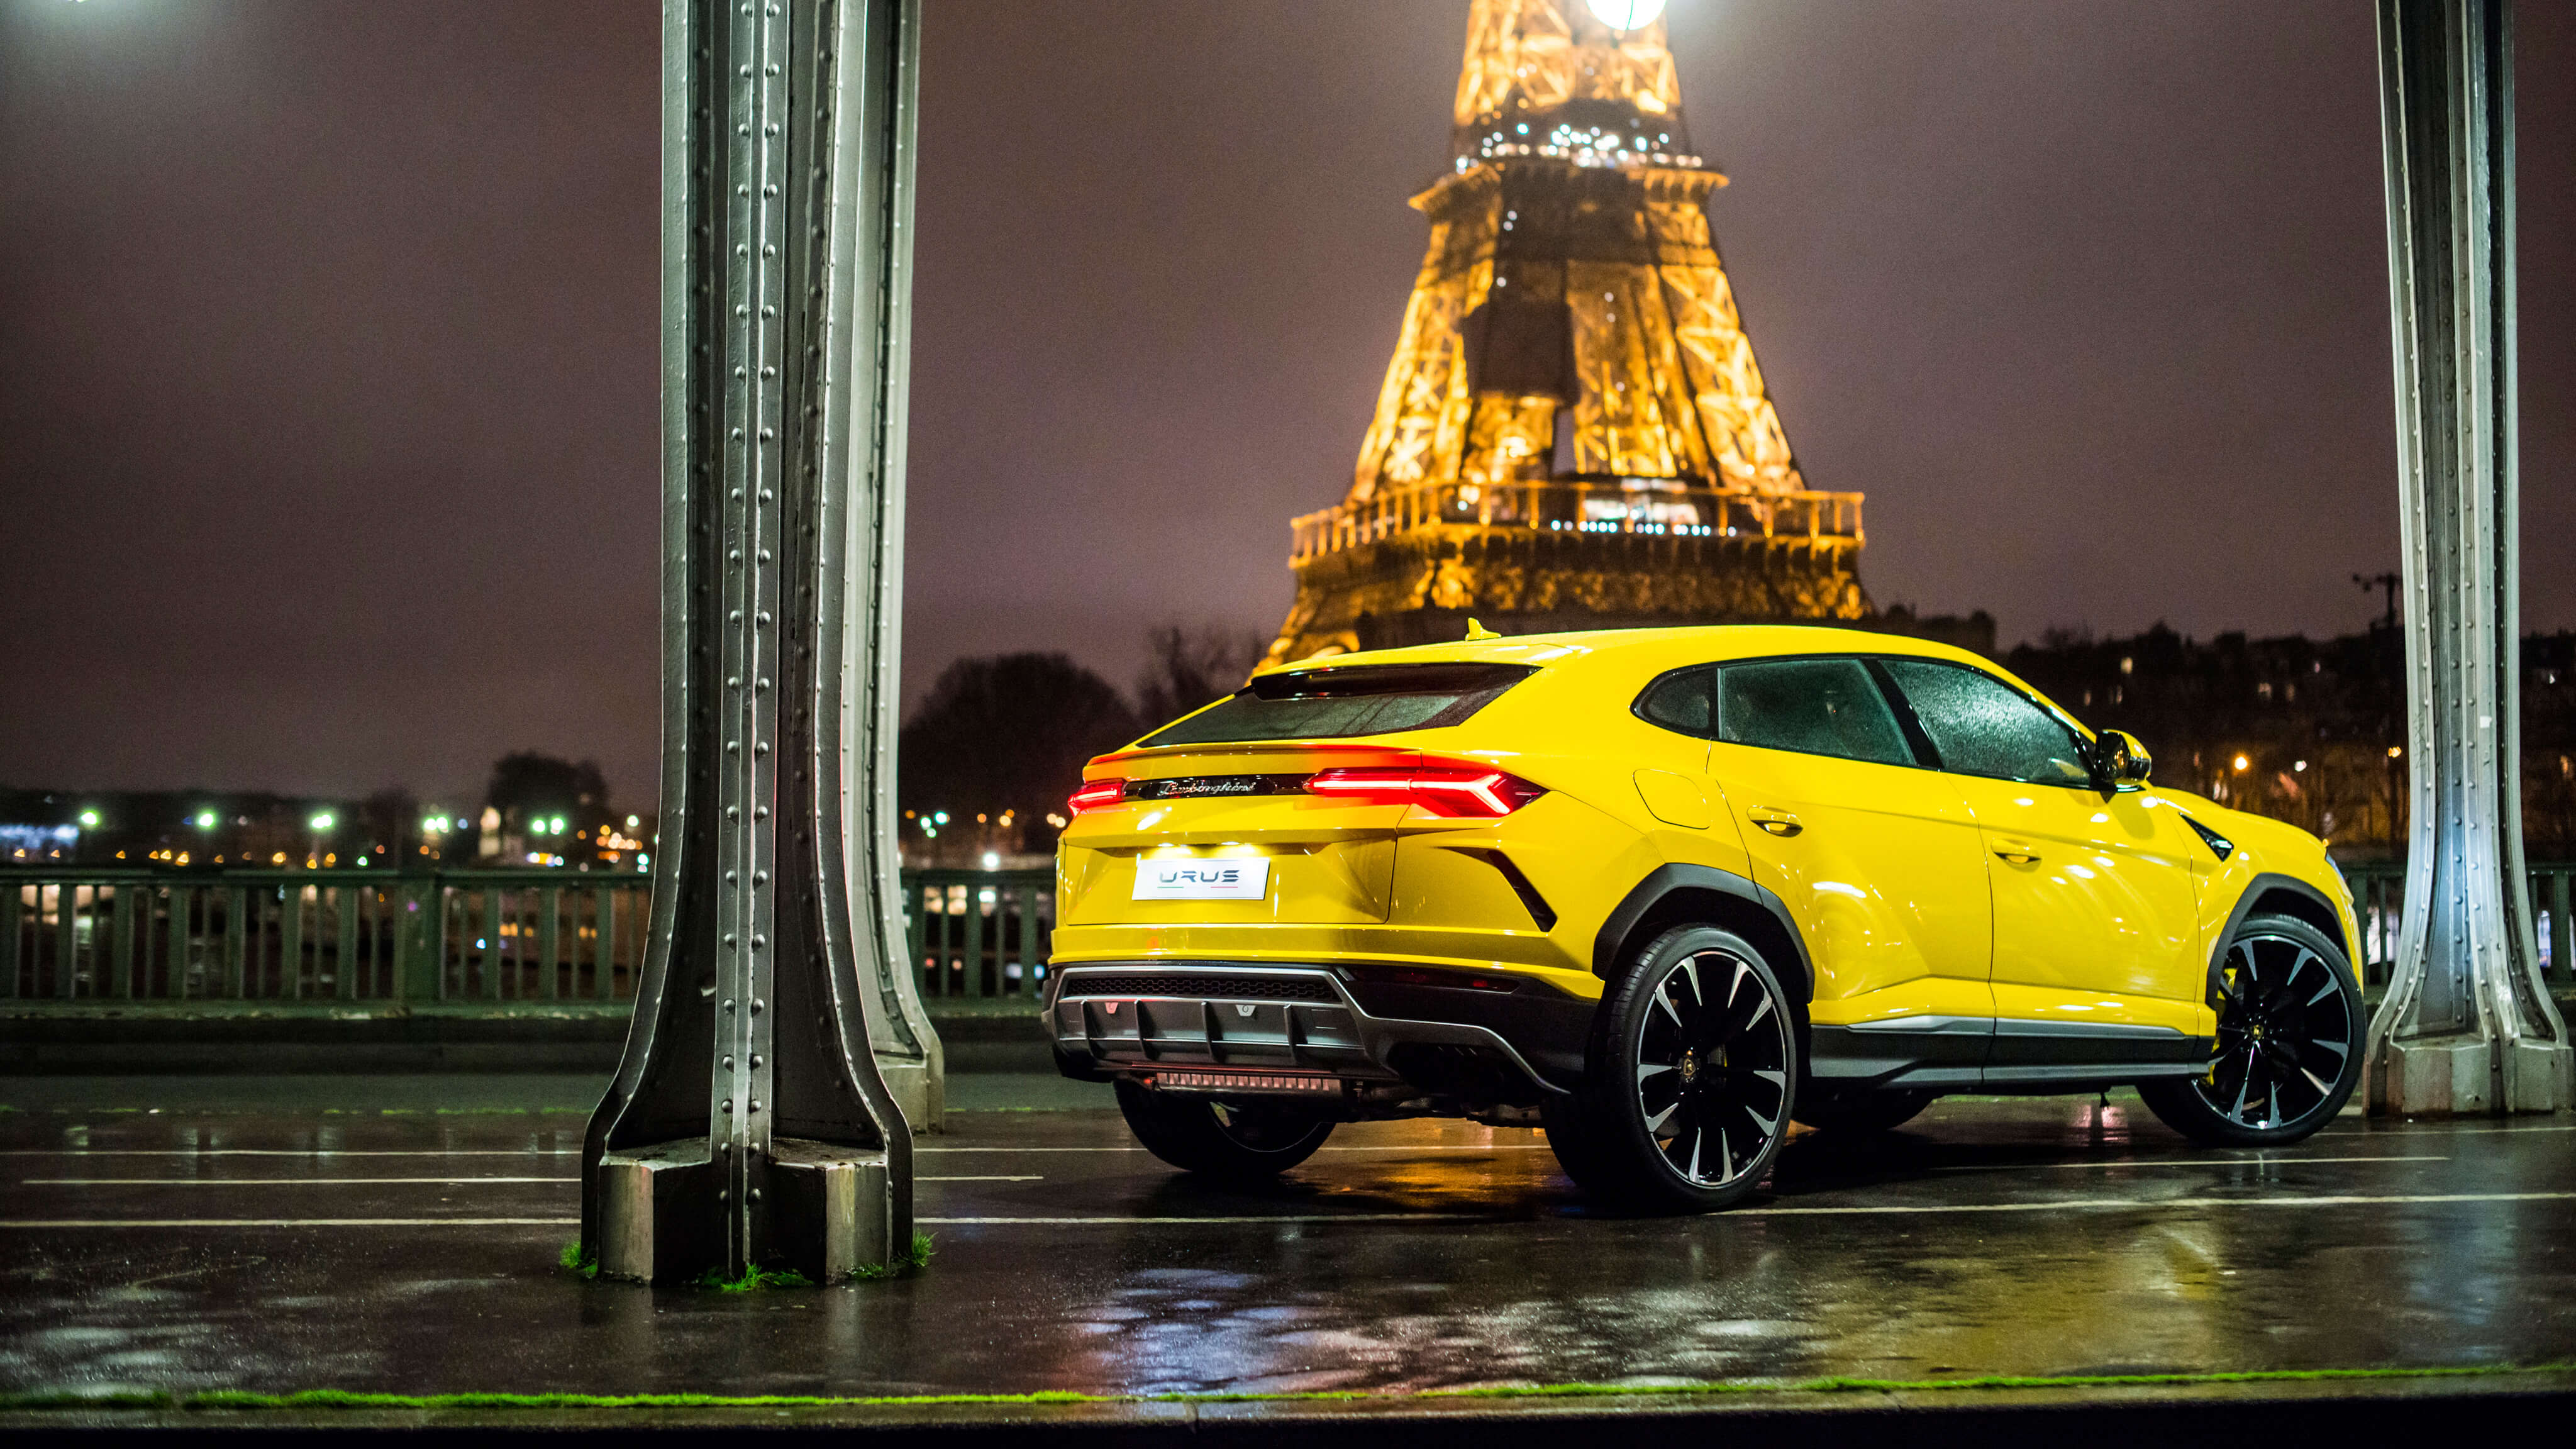 Image result for Lamborghini Urus hd photos